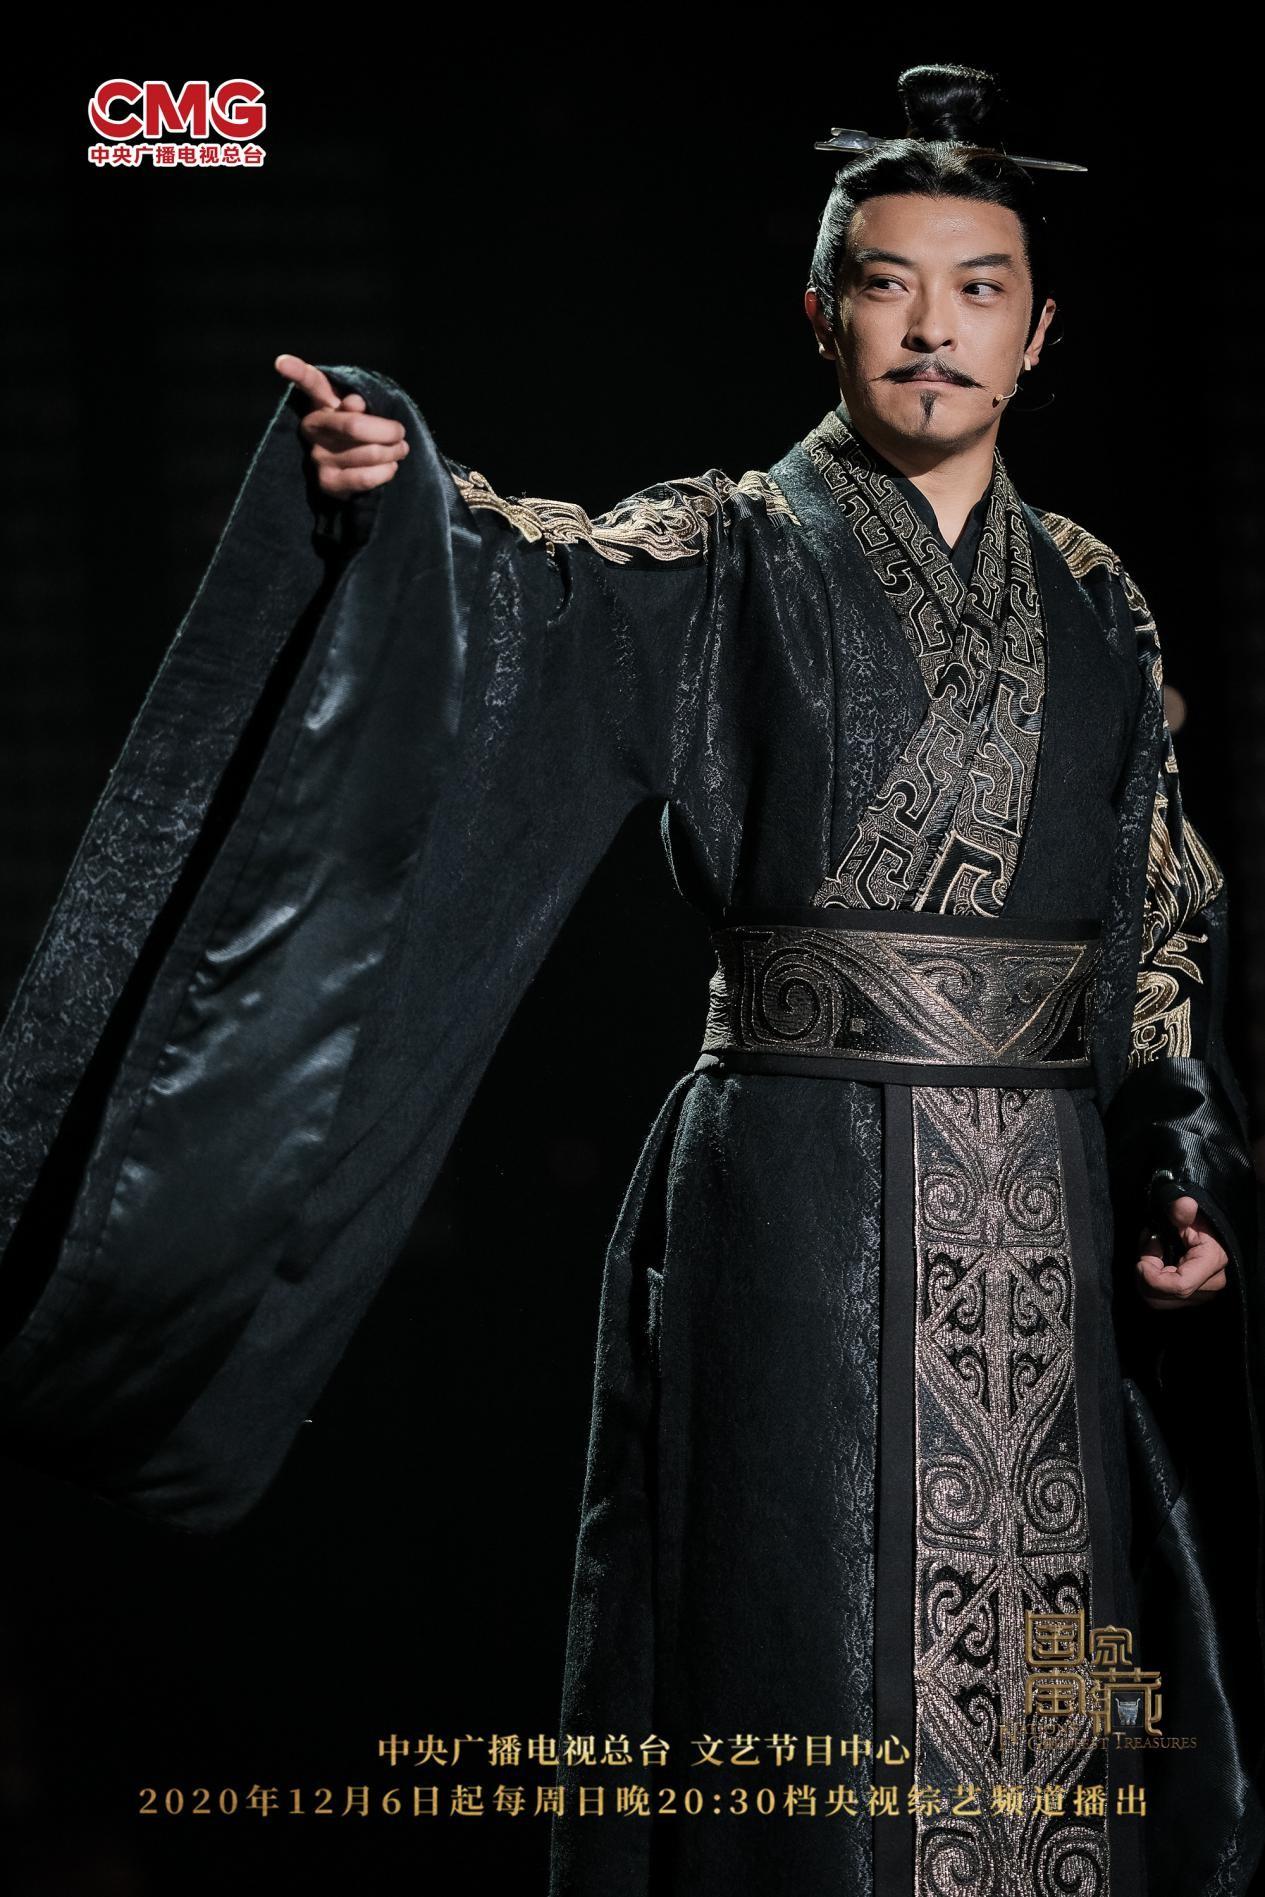 傅大龙《国家宝藏》获得热搜和表演秦王好评